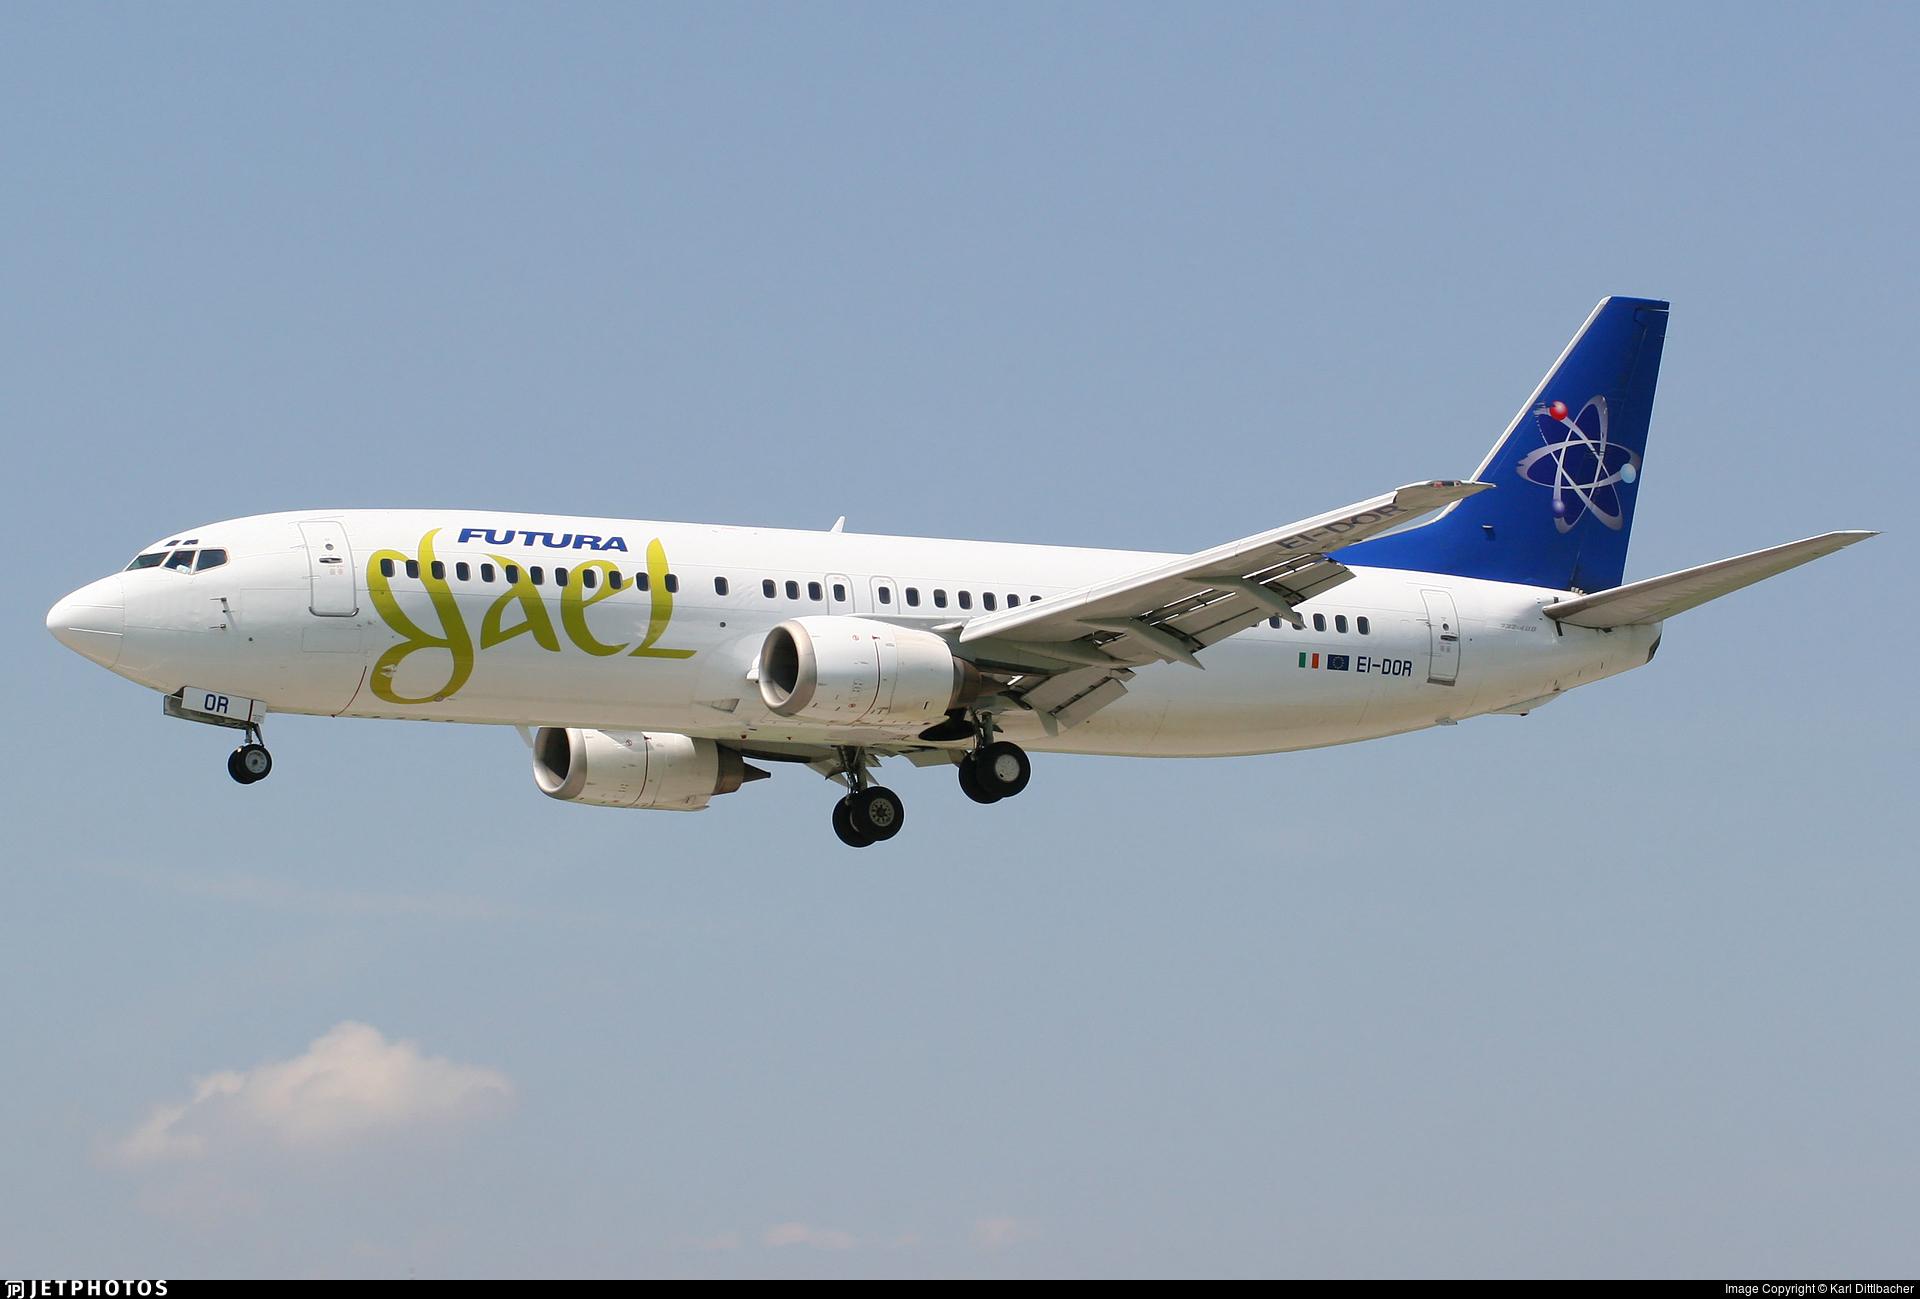 EI-DOR - Boeing 737-4Y0 - Futura International Airways